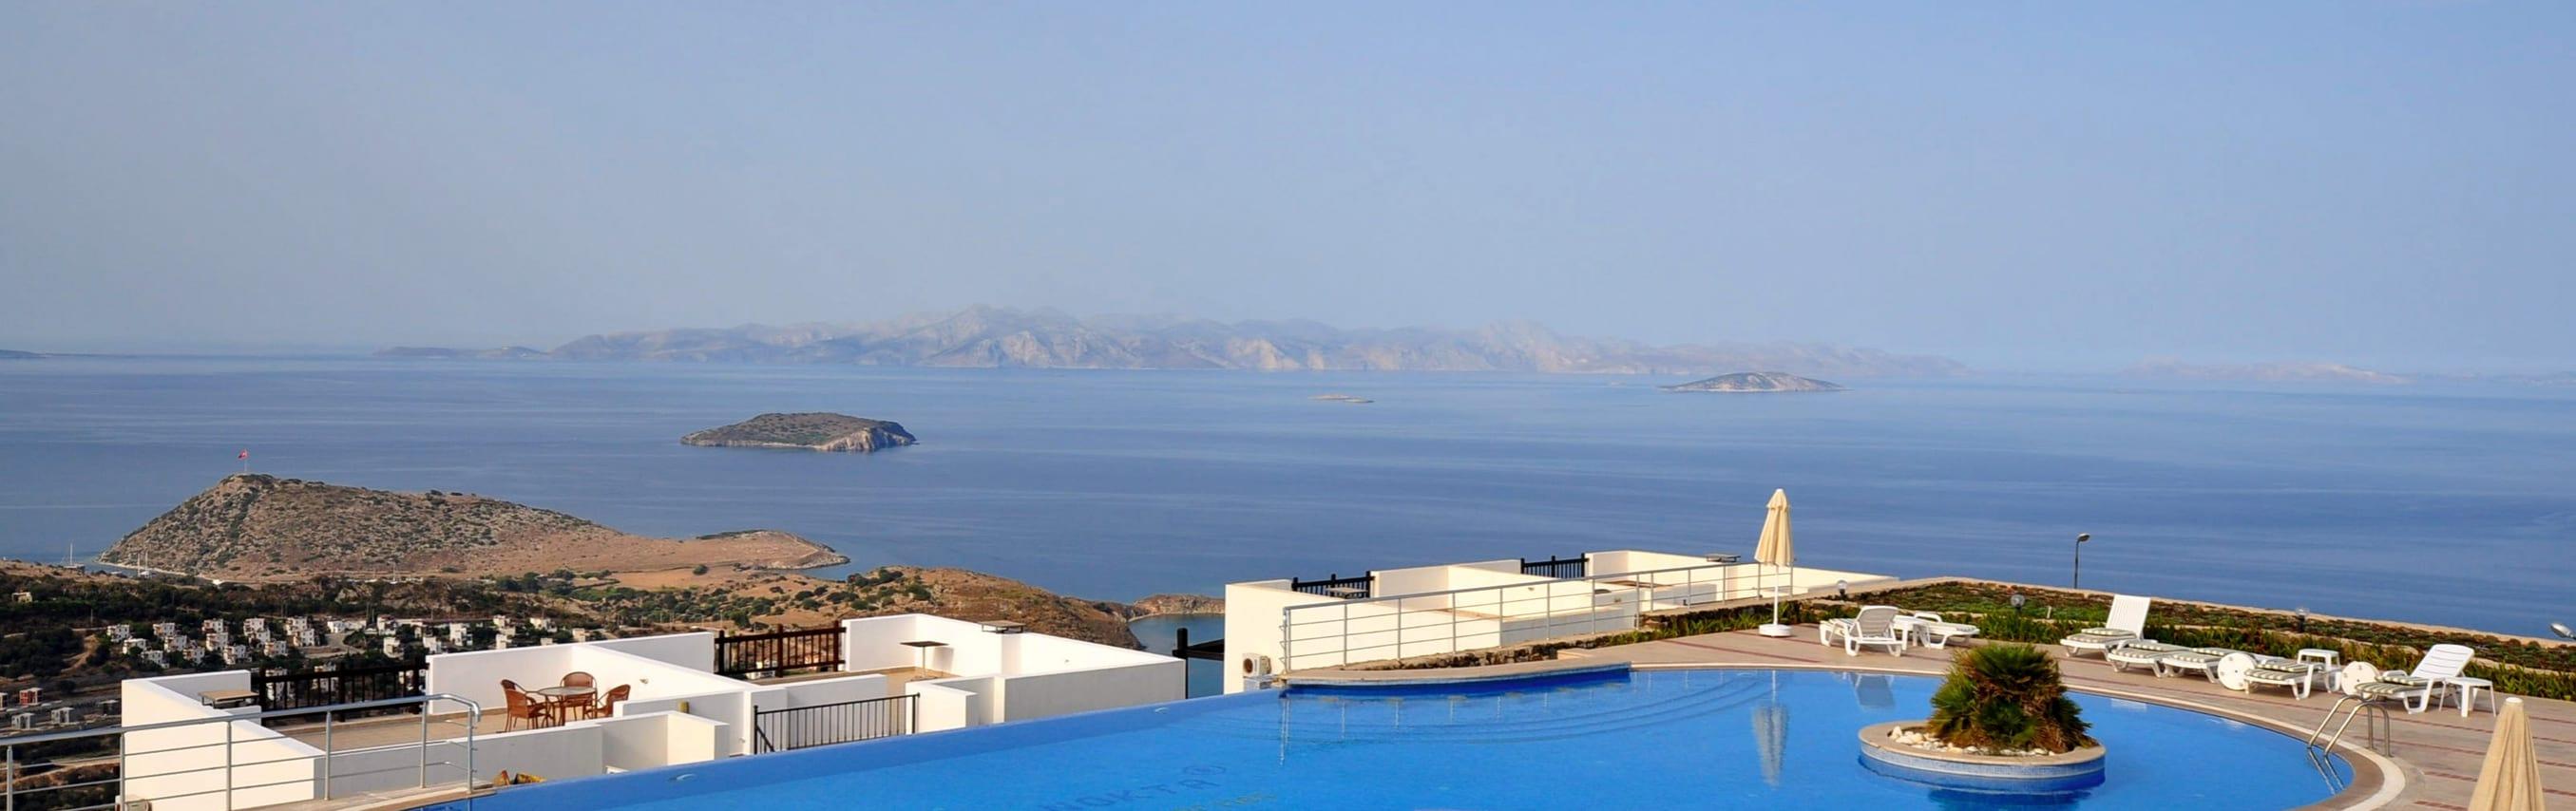 Grand Sea View 2 I1